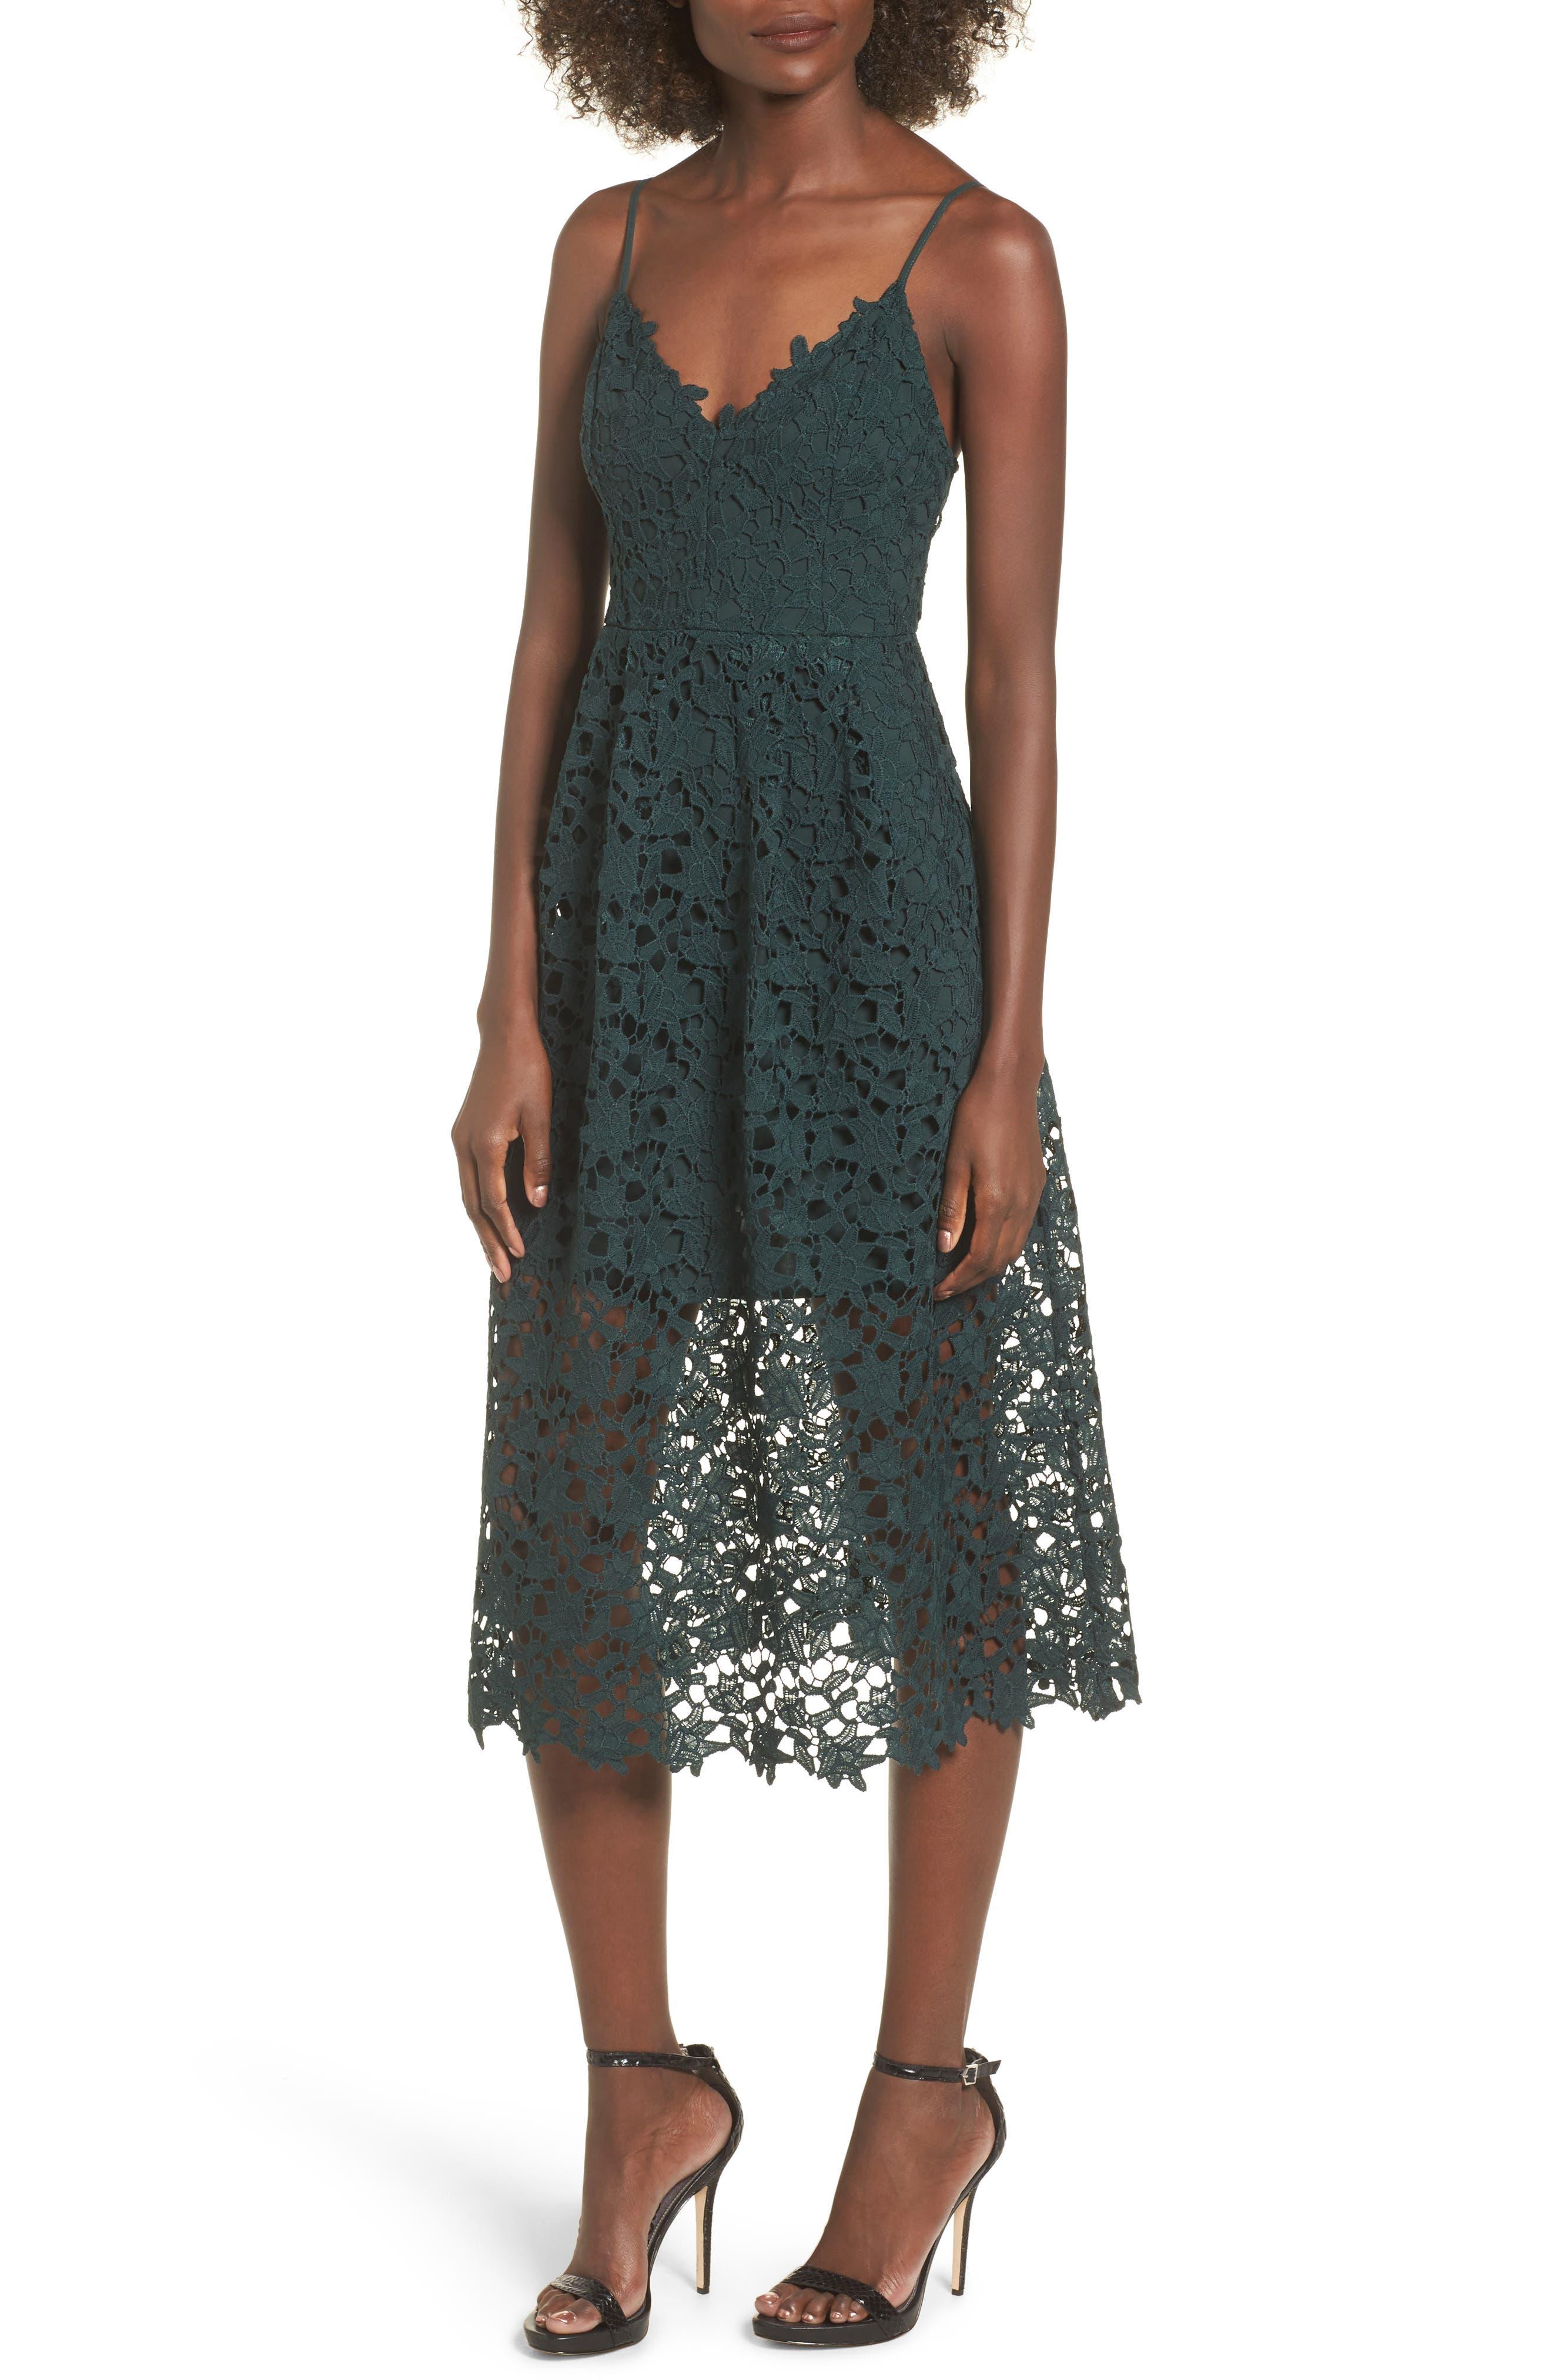 Green Mint Tea Length Dress